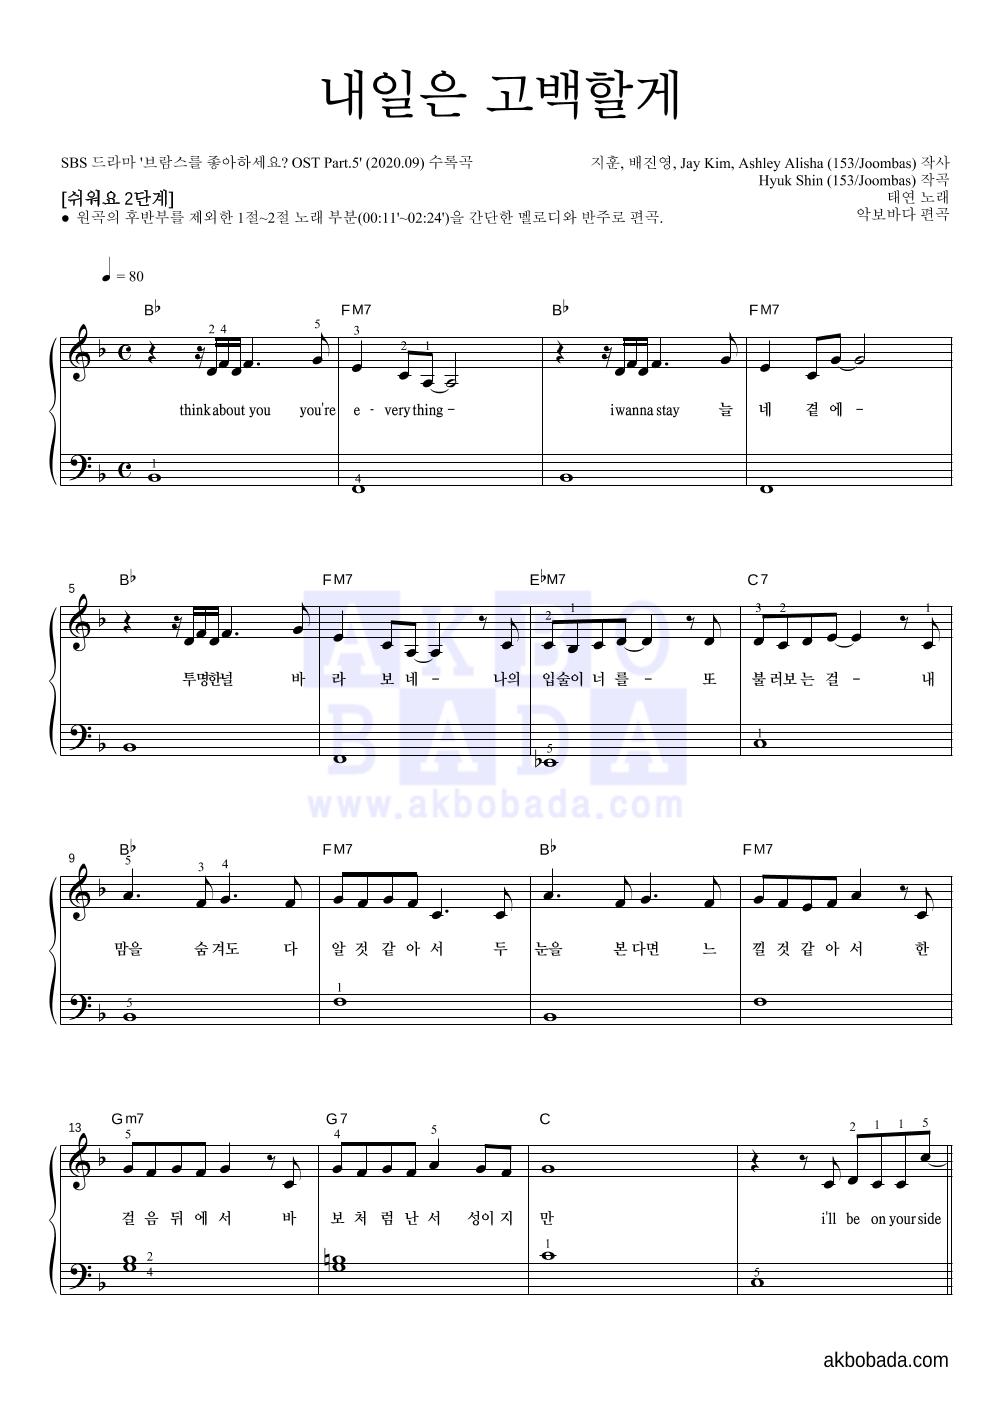 태연 - 내일은 고백할게 피아노2단-쉬워요 악보